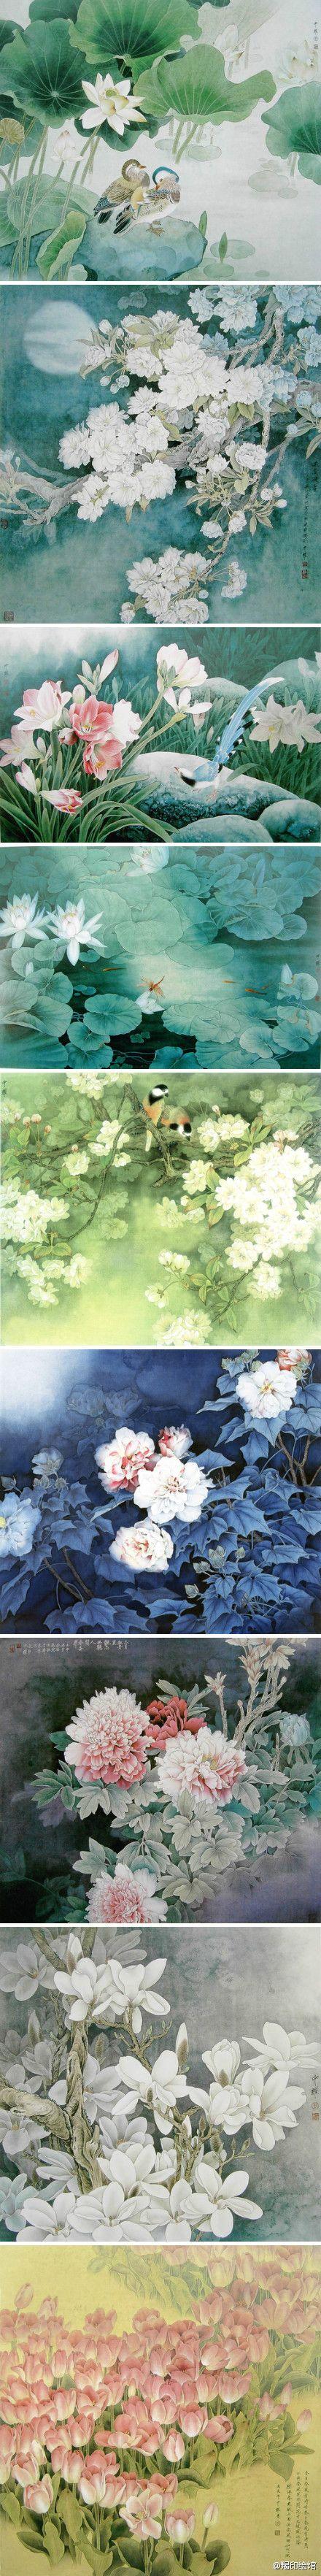 Chinese brush paintings